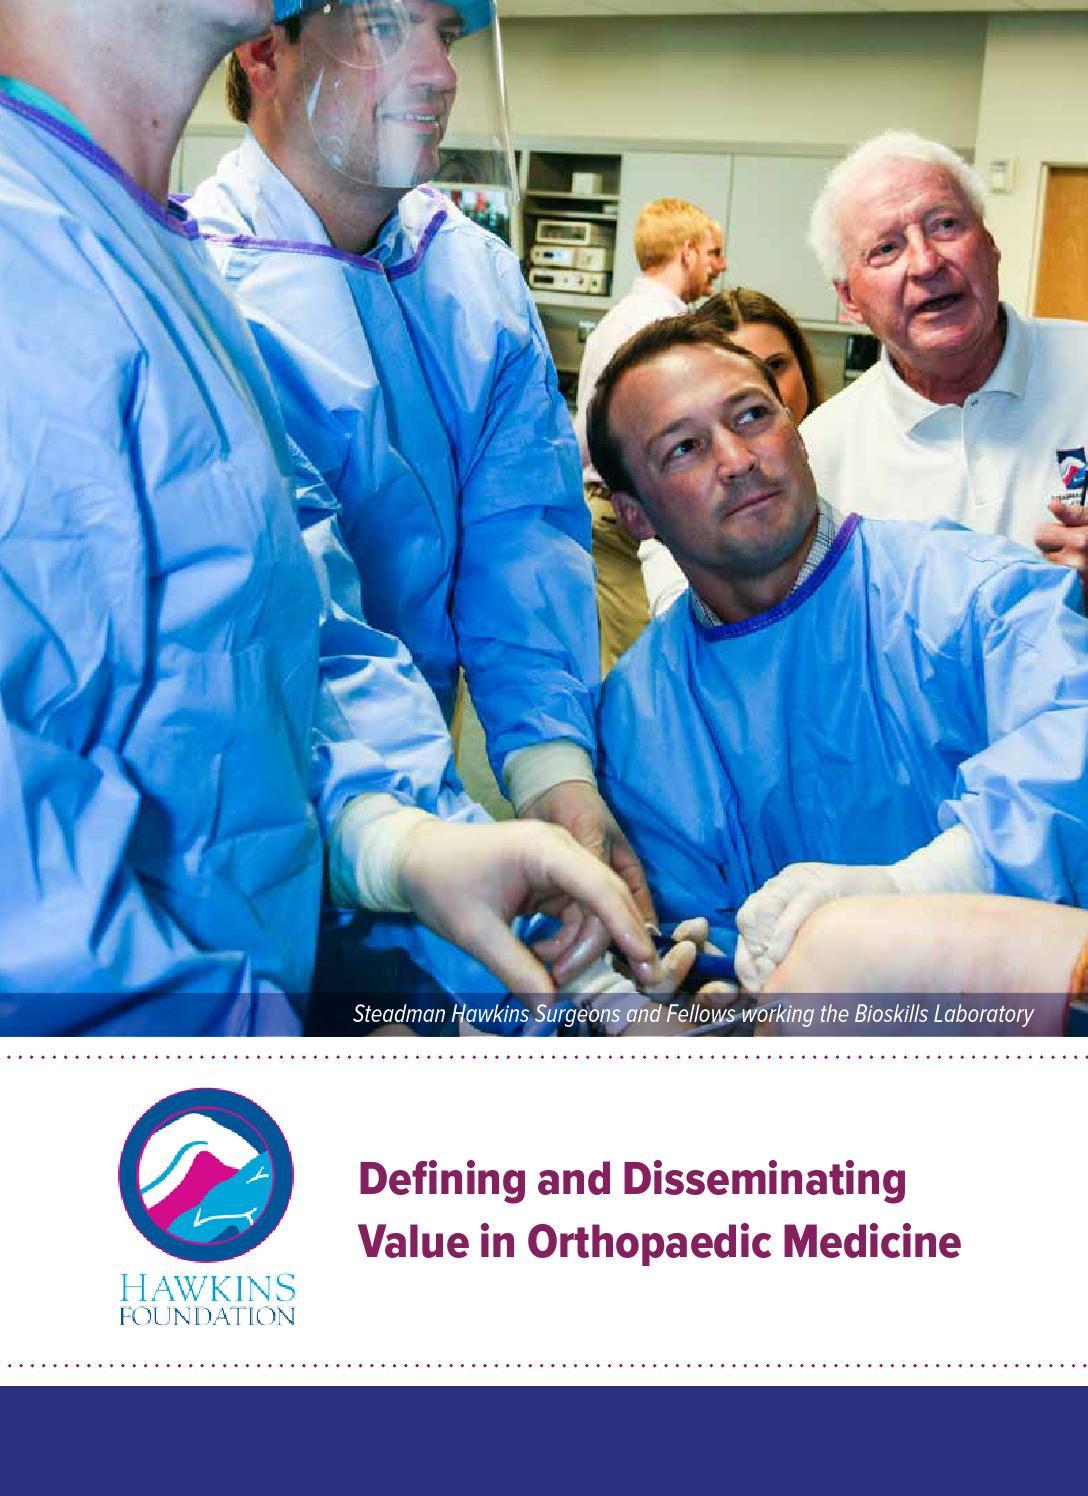 Hawkins Foundation Brochure by CMorganDesign - issuu